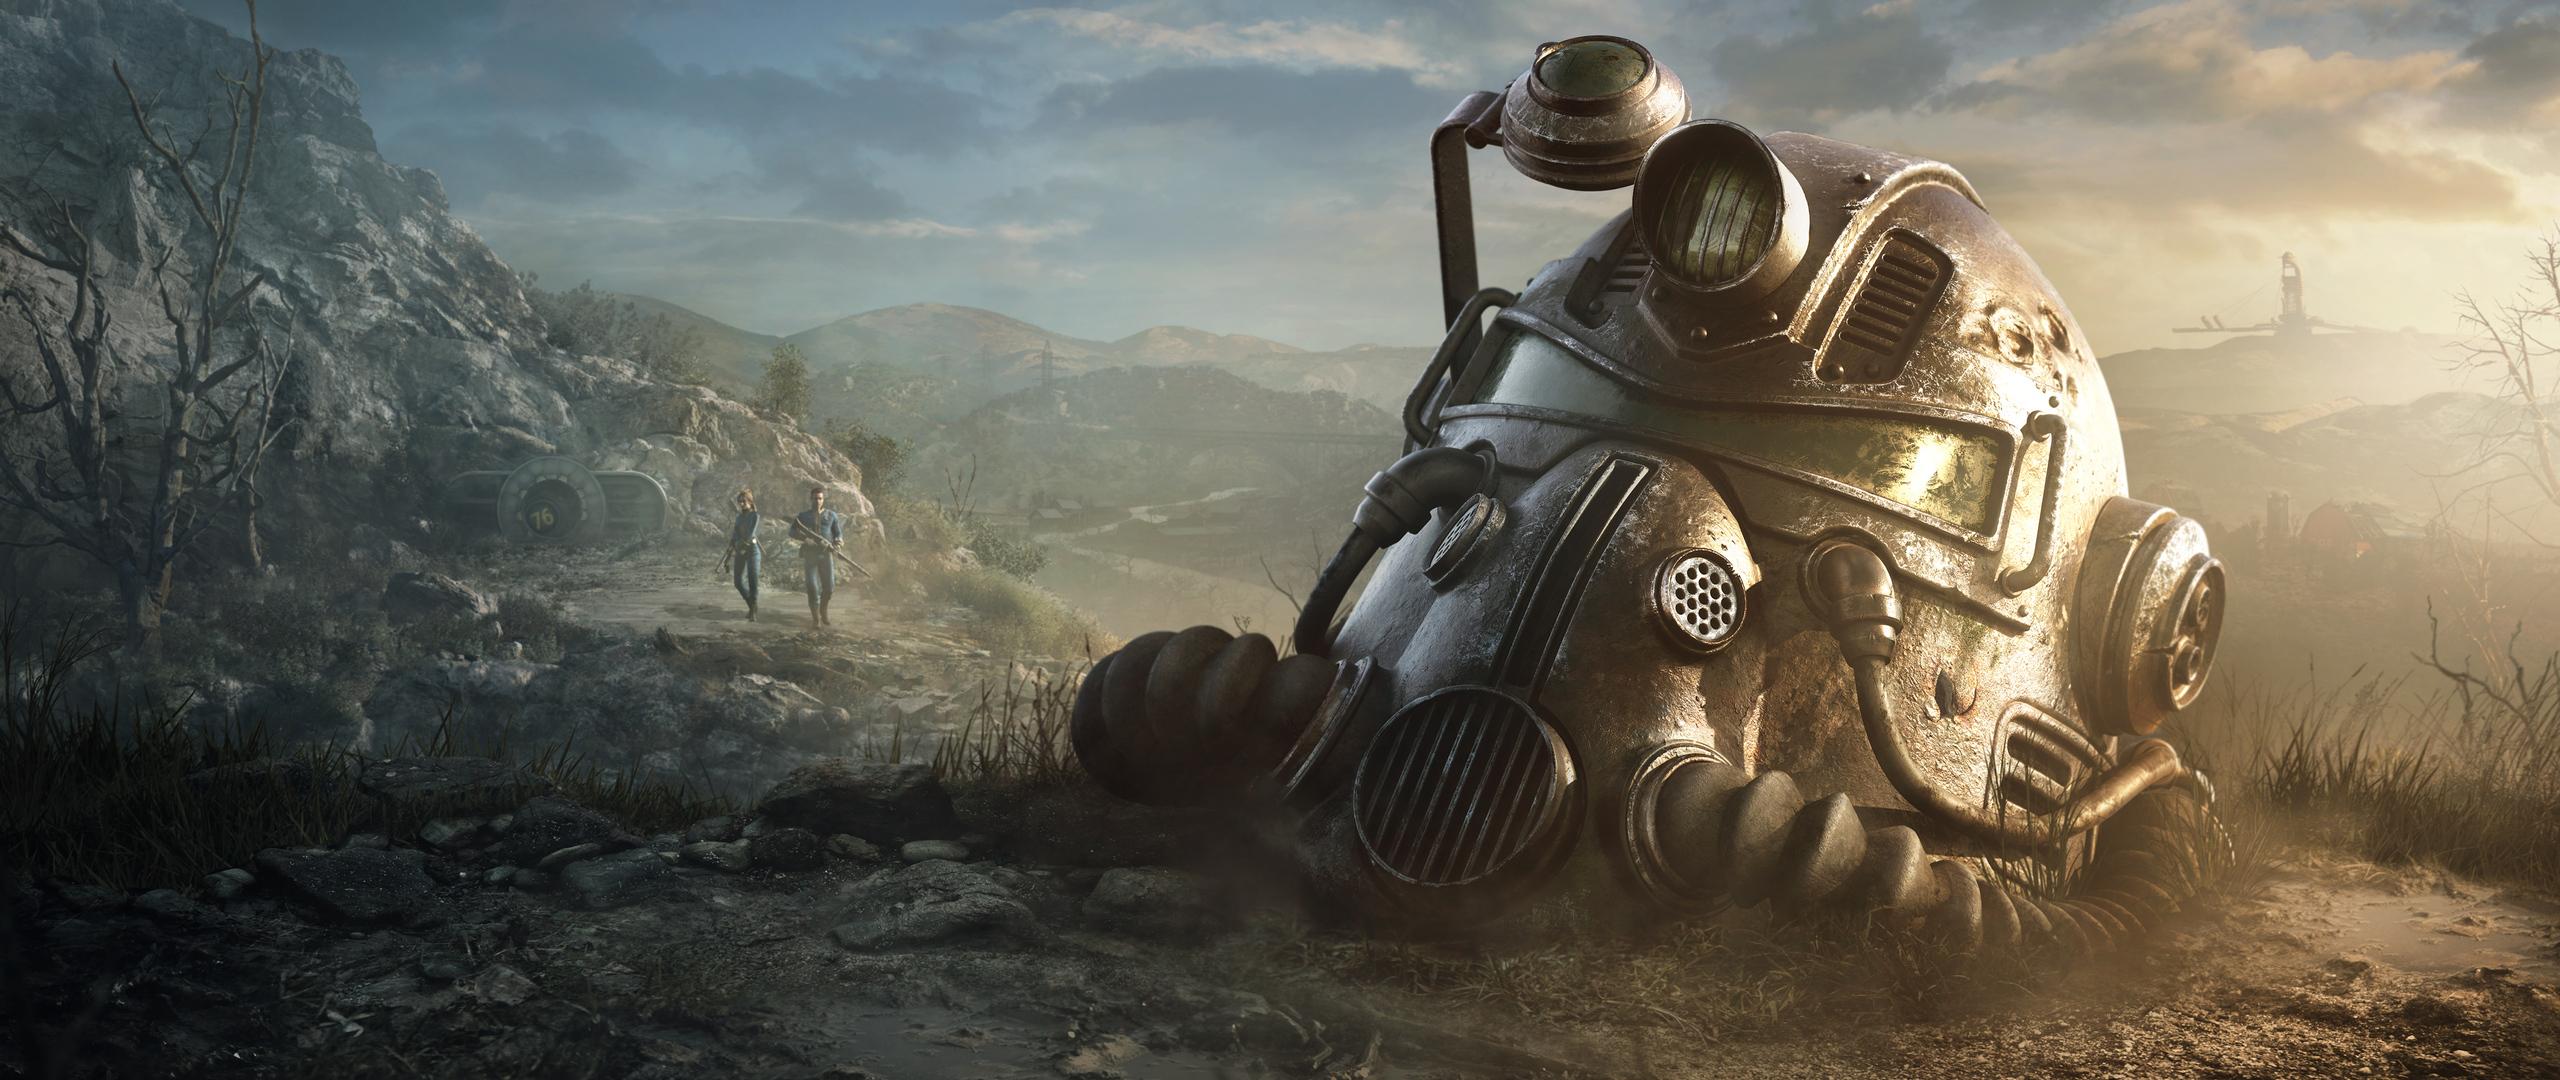 2560x1080 2018 Fallout 76 5k 2560x1080 Resolution HD 4k